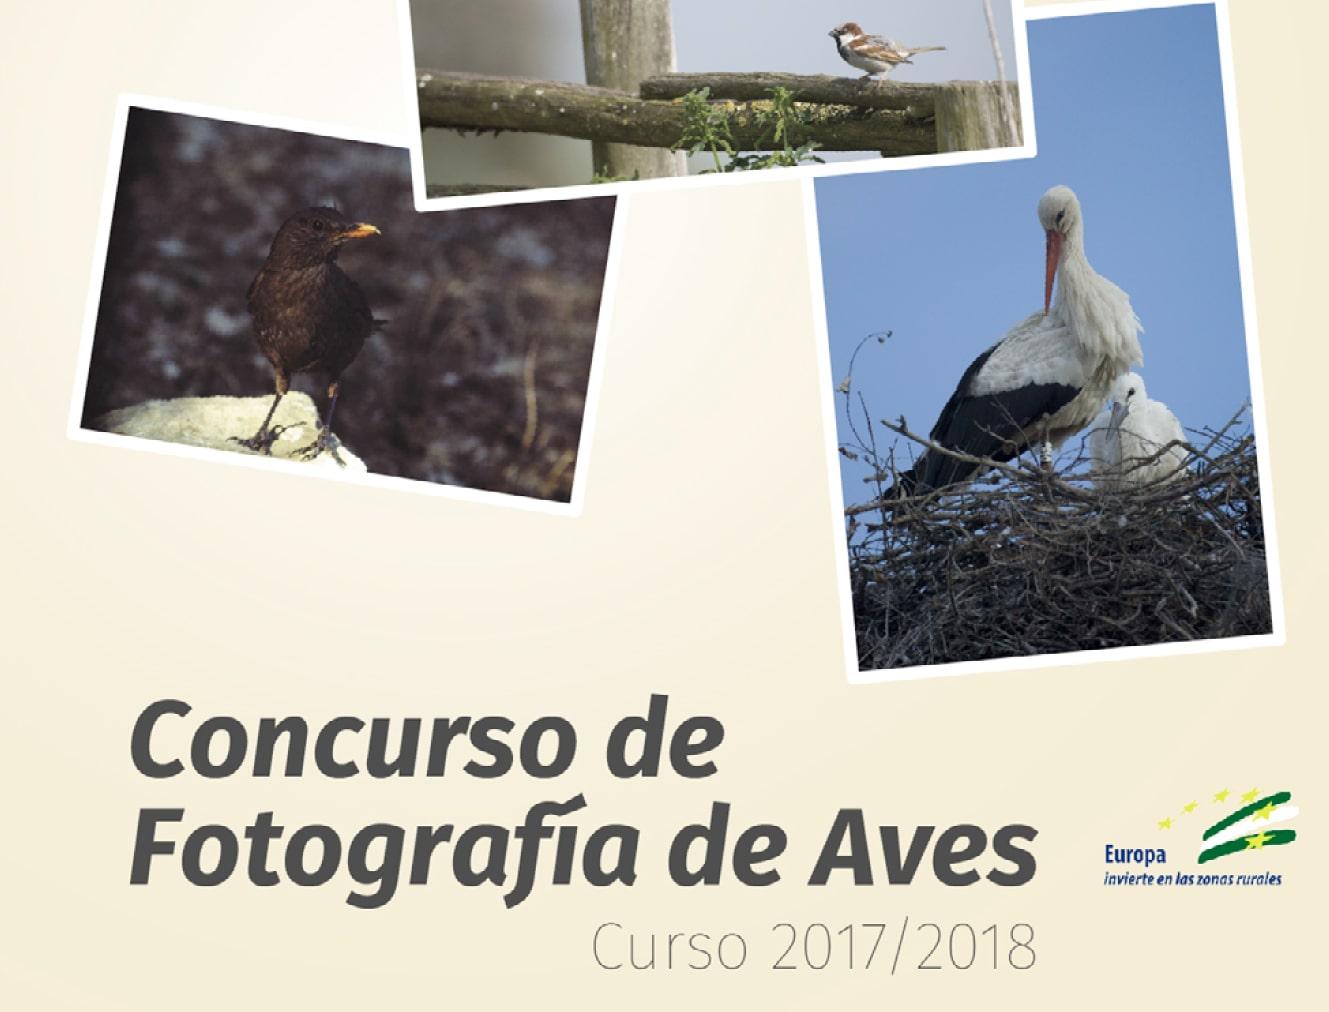 Concurso de Fotografía de Aves